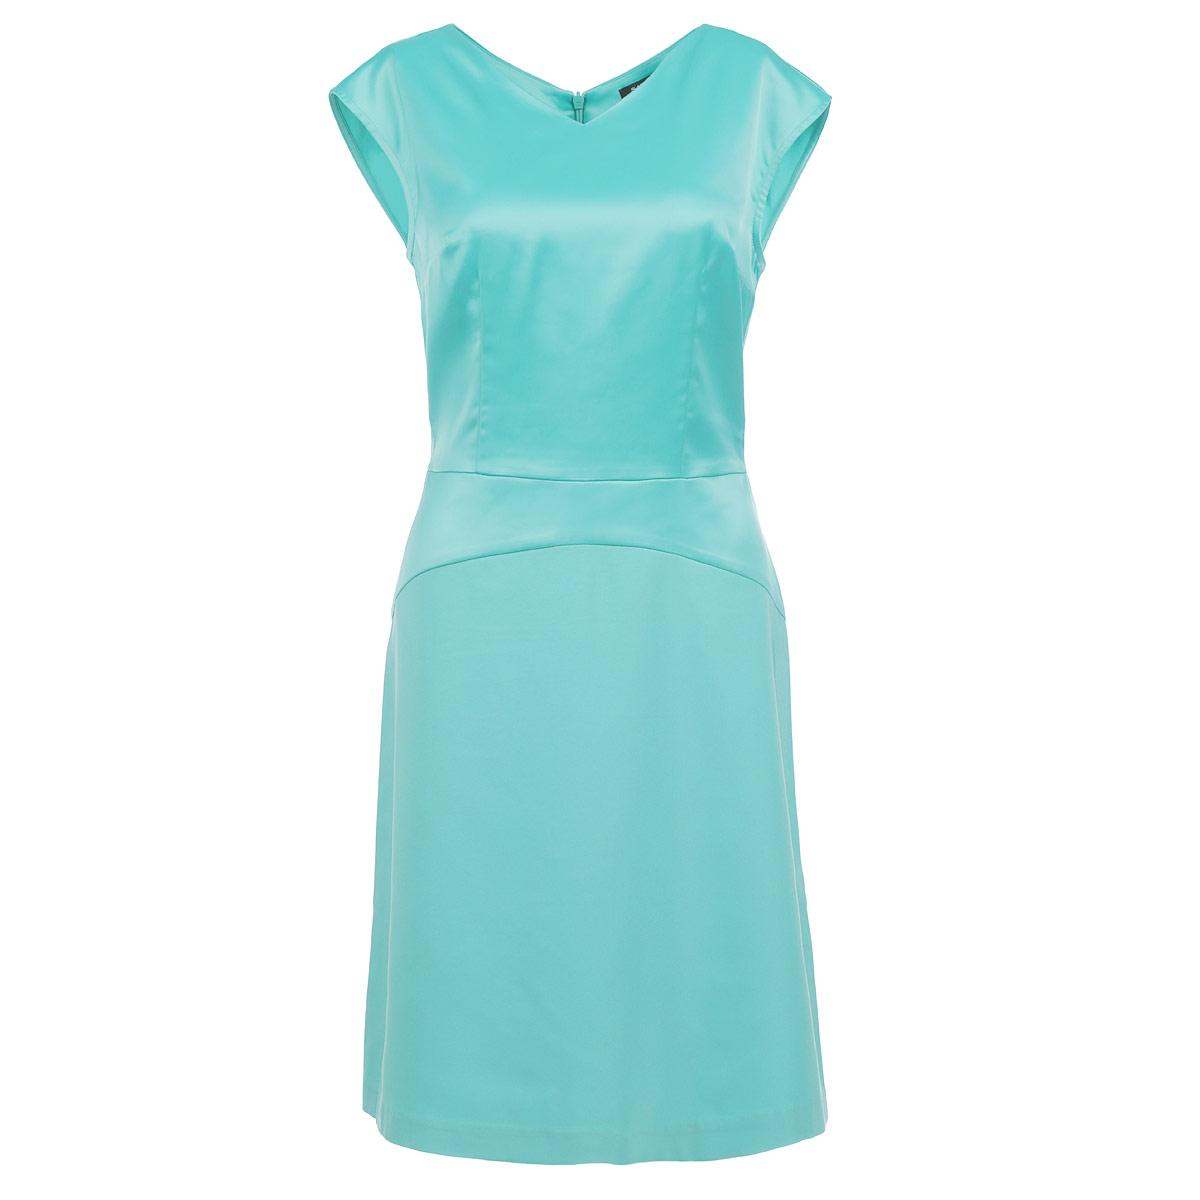 Платье515509Элегантное платье Savage выполнено из плотного материала высокого качества. Модель приталенного силуэта с V-образным вырезом горловины и короткими рукавами-кимоно. На спинке платье застегивается на потайную молнию. Стильное платье подчеркнет достоинства вашей фигуры.